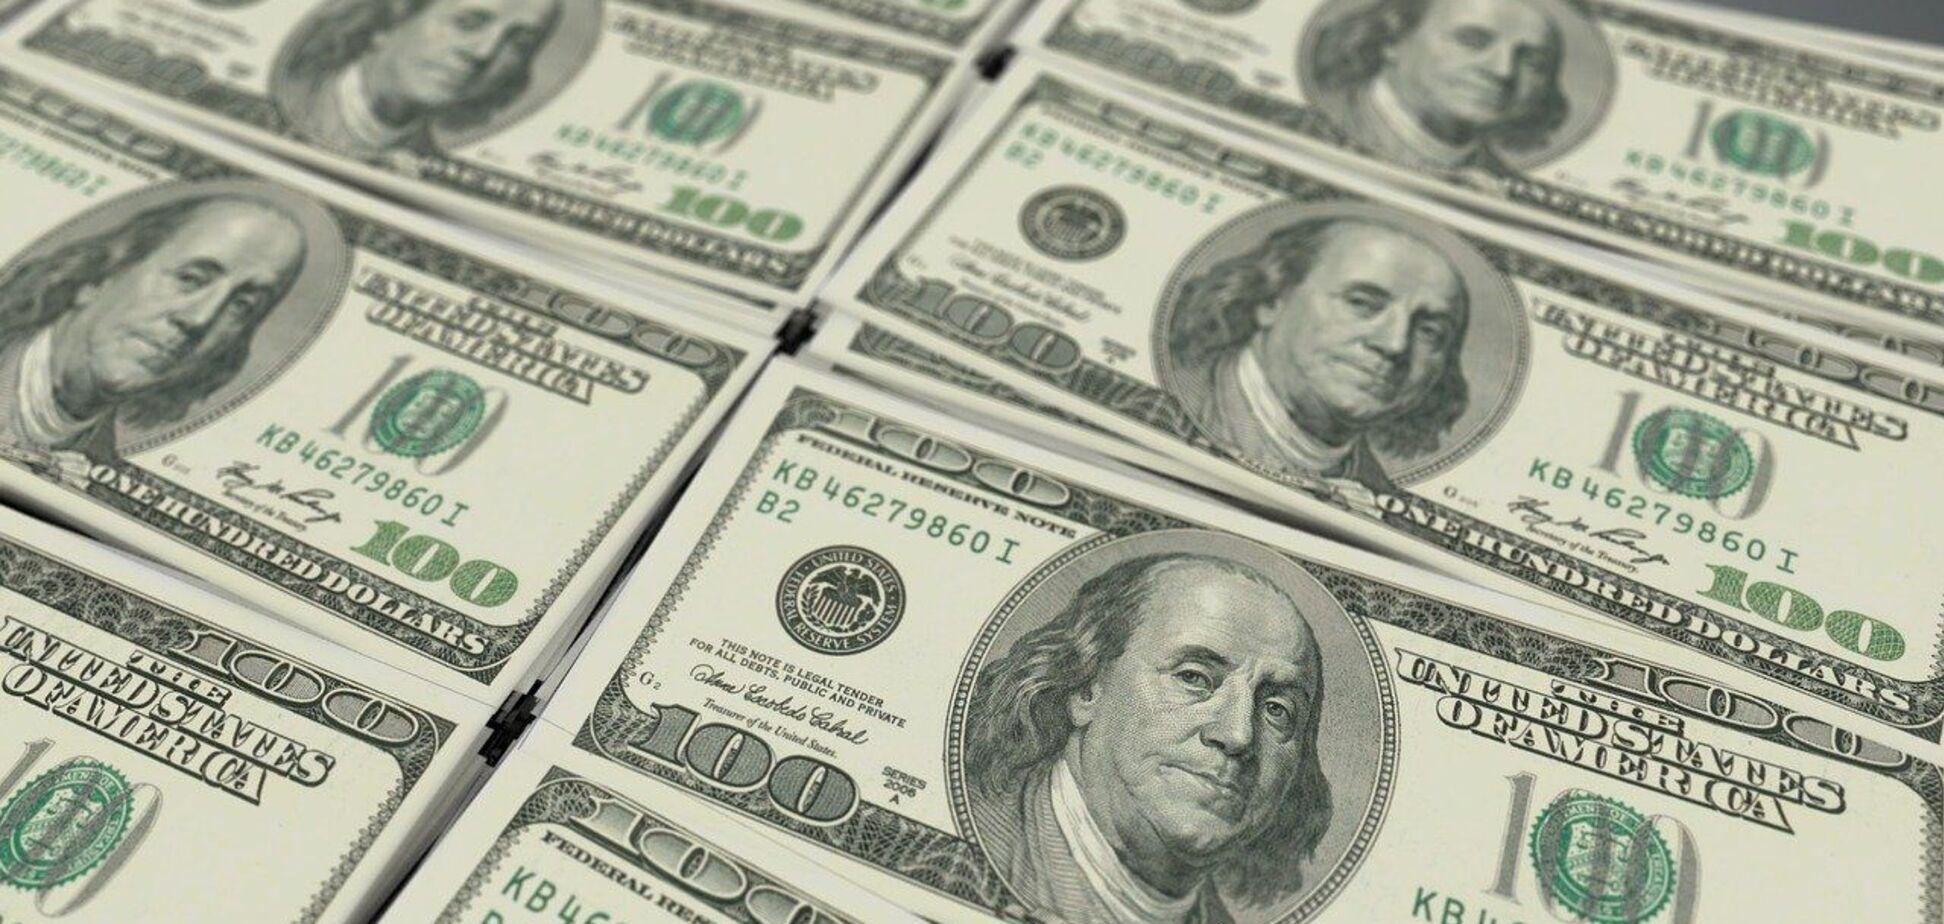 Количество миллионеров в мире рекордно выросло: в каких странах больше всего богачей